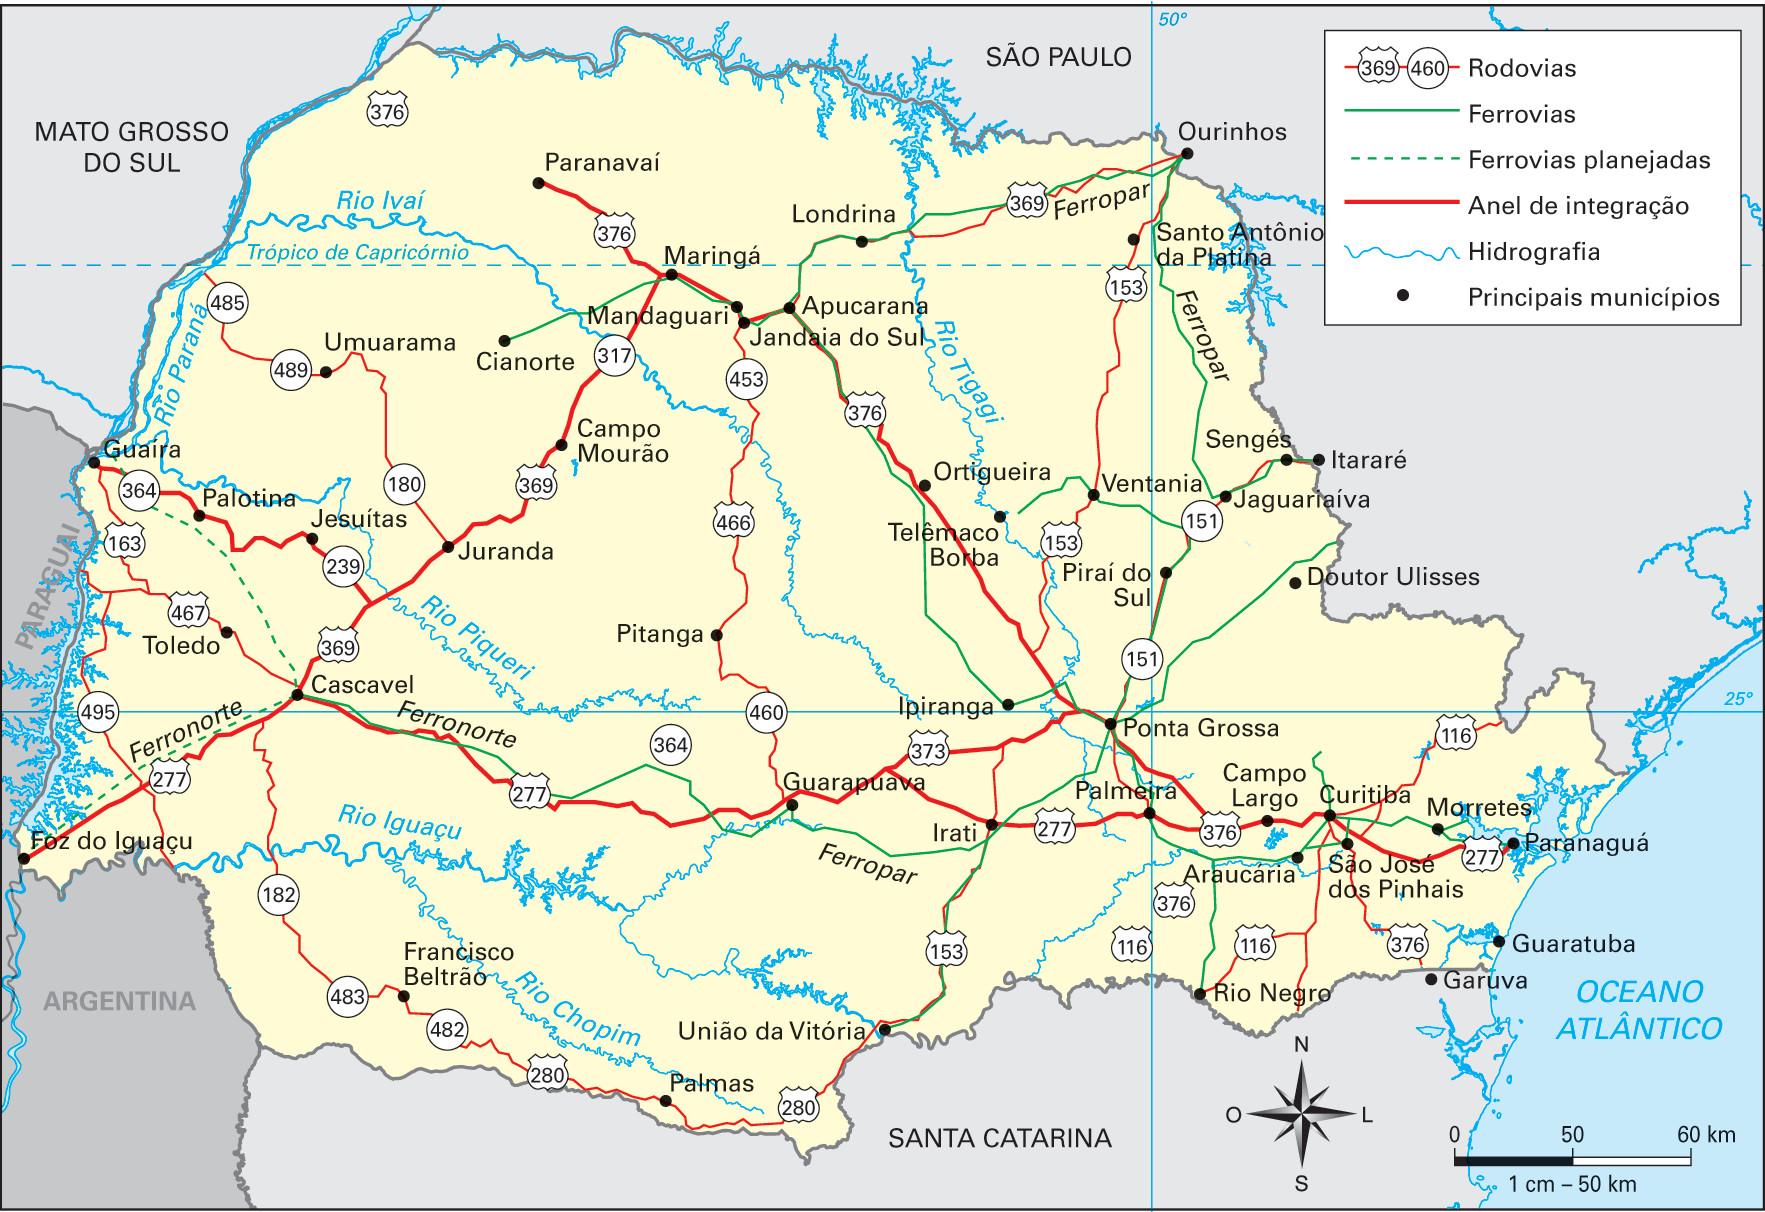 Mapa das principais rodovias, ferrovias e portos do Paraná